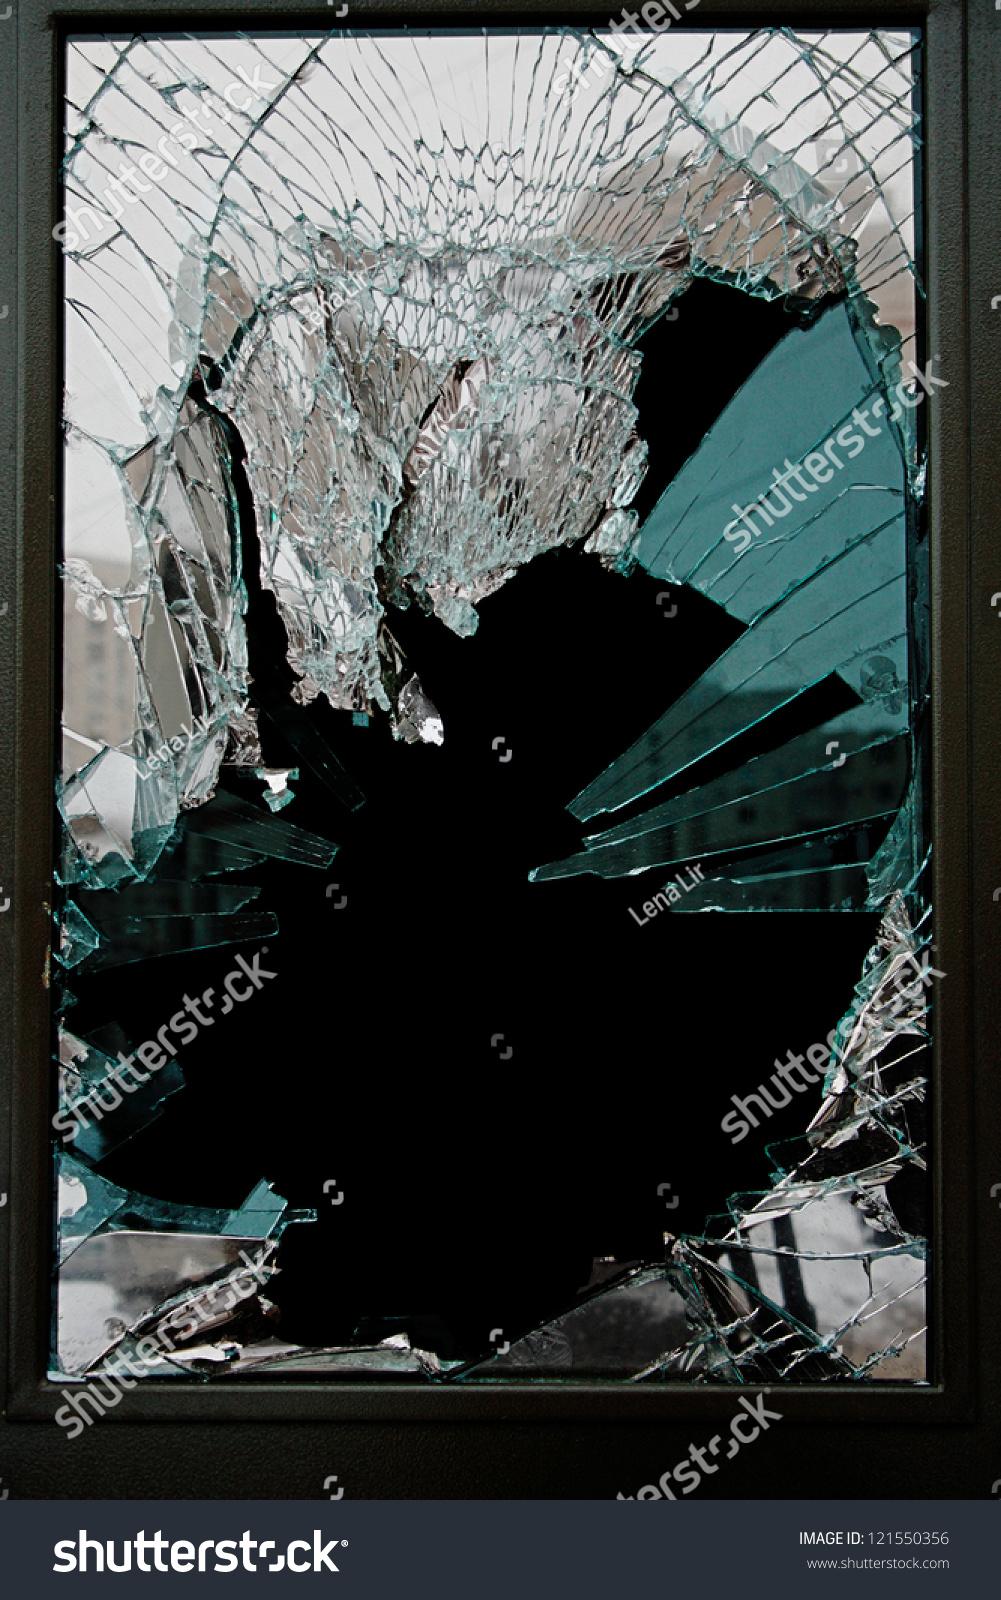 Broken glass door shop stock photo royalty free 121550356 broken glass door of the shop planetlyrics Image collections